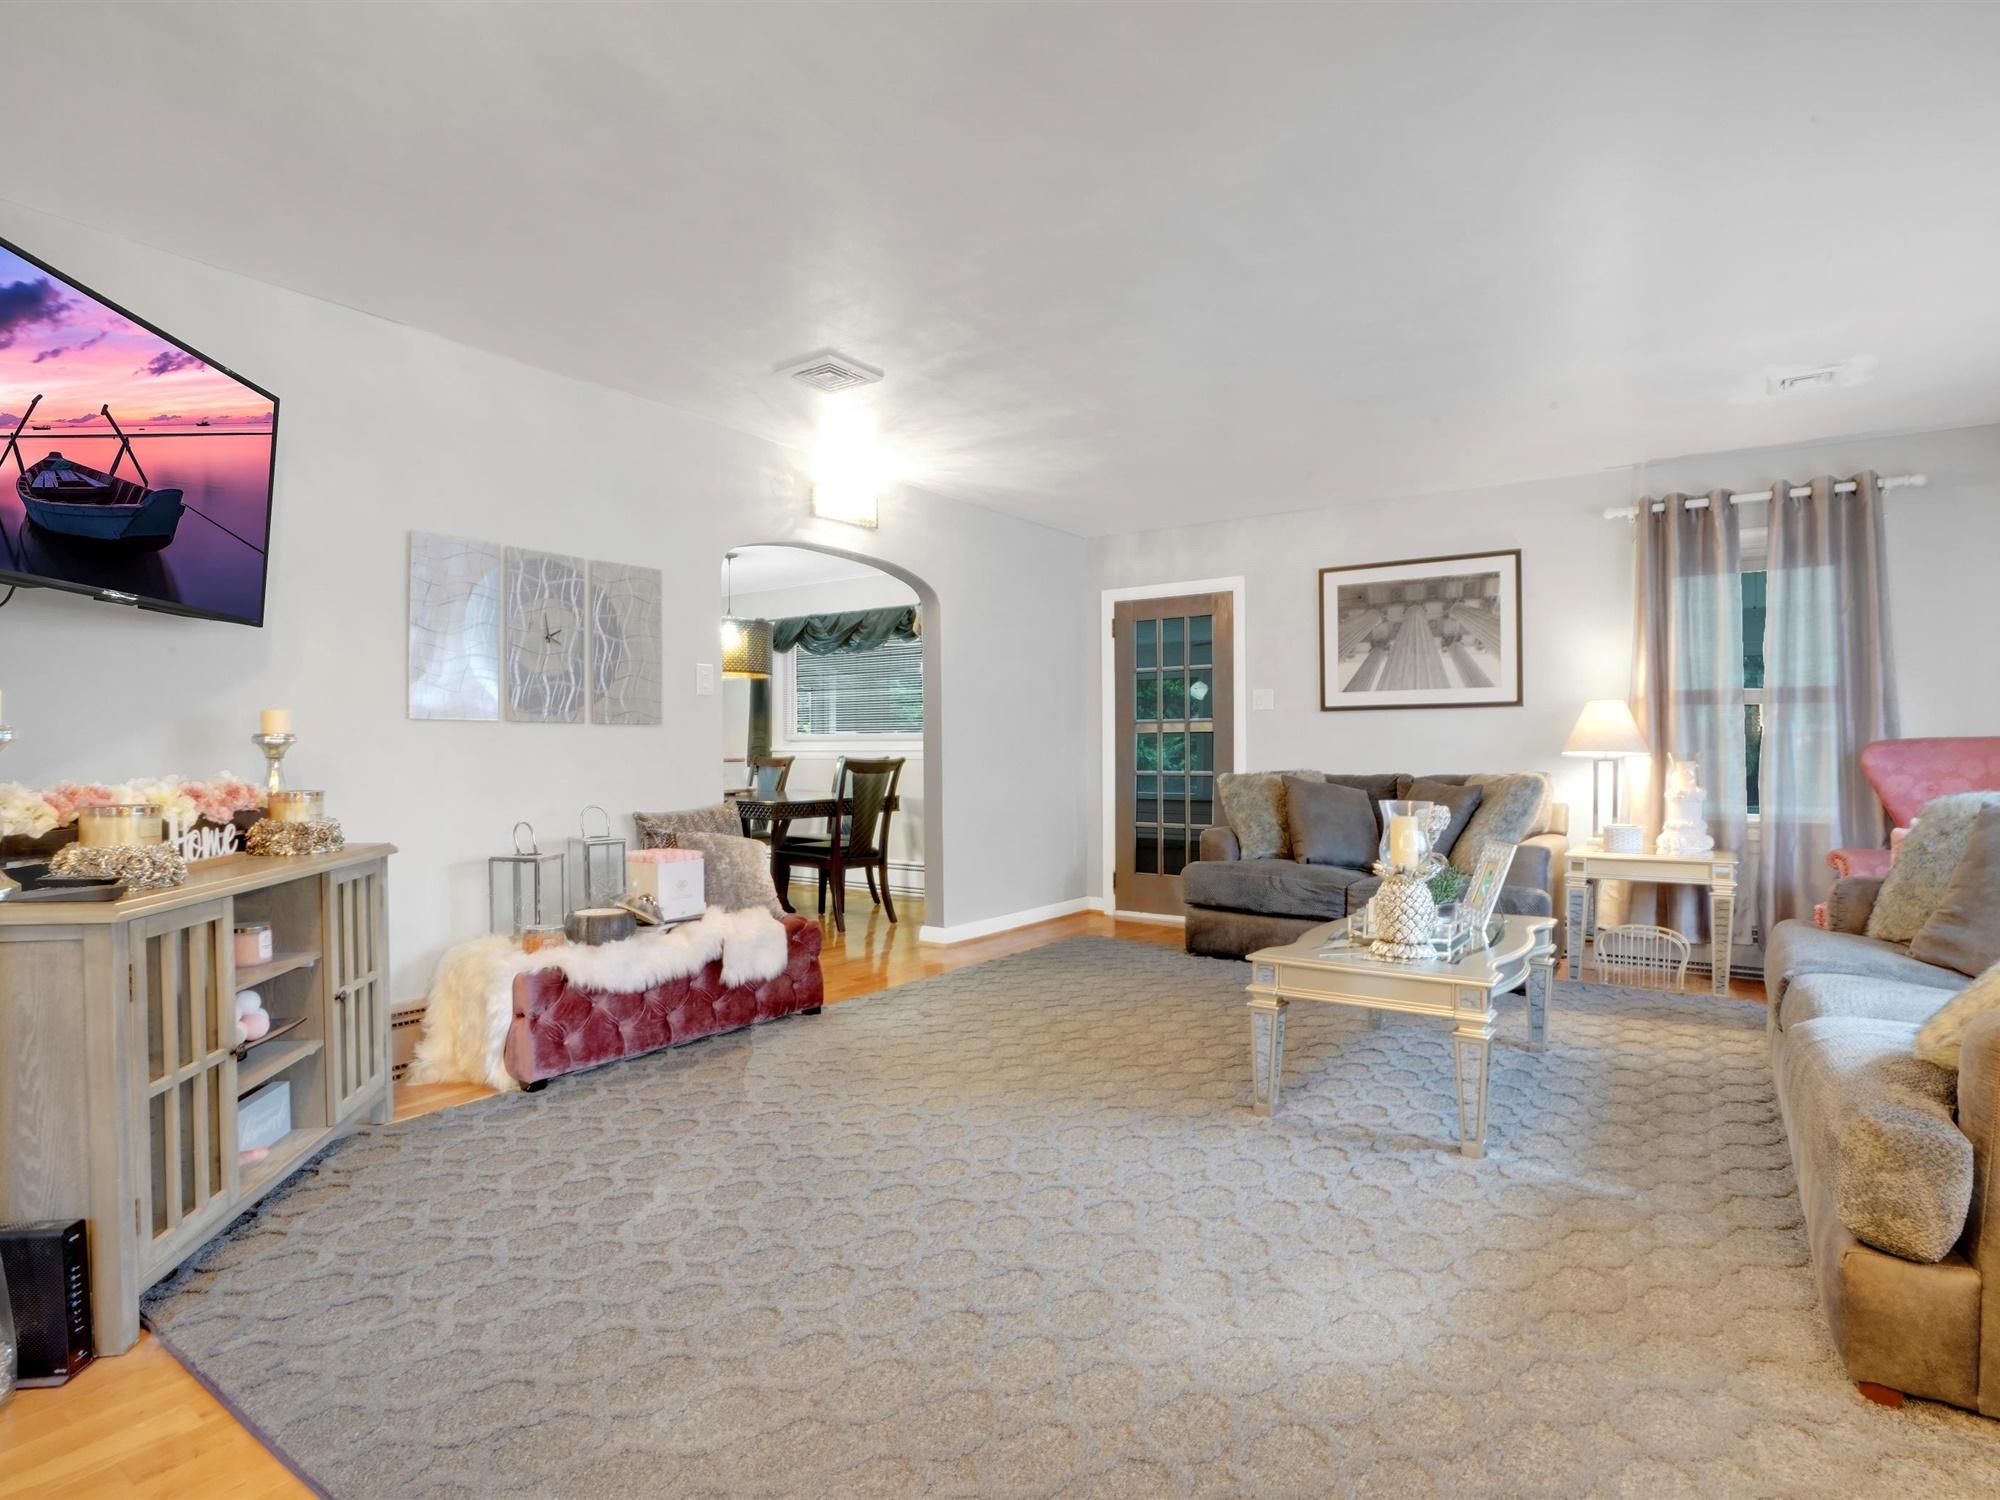 2022 Kline ST - SUnny living room